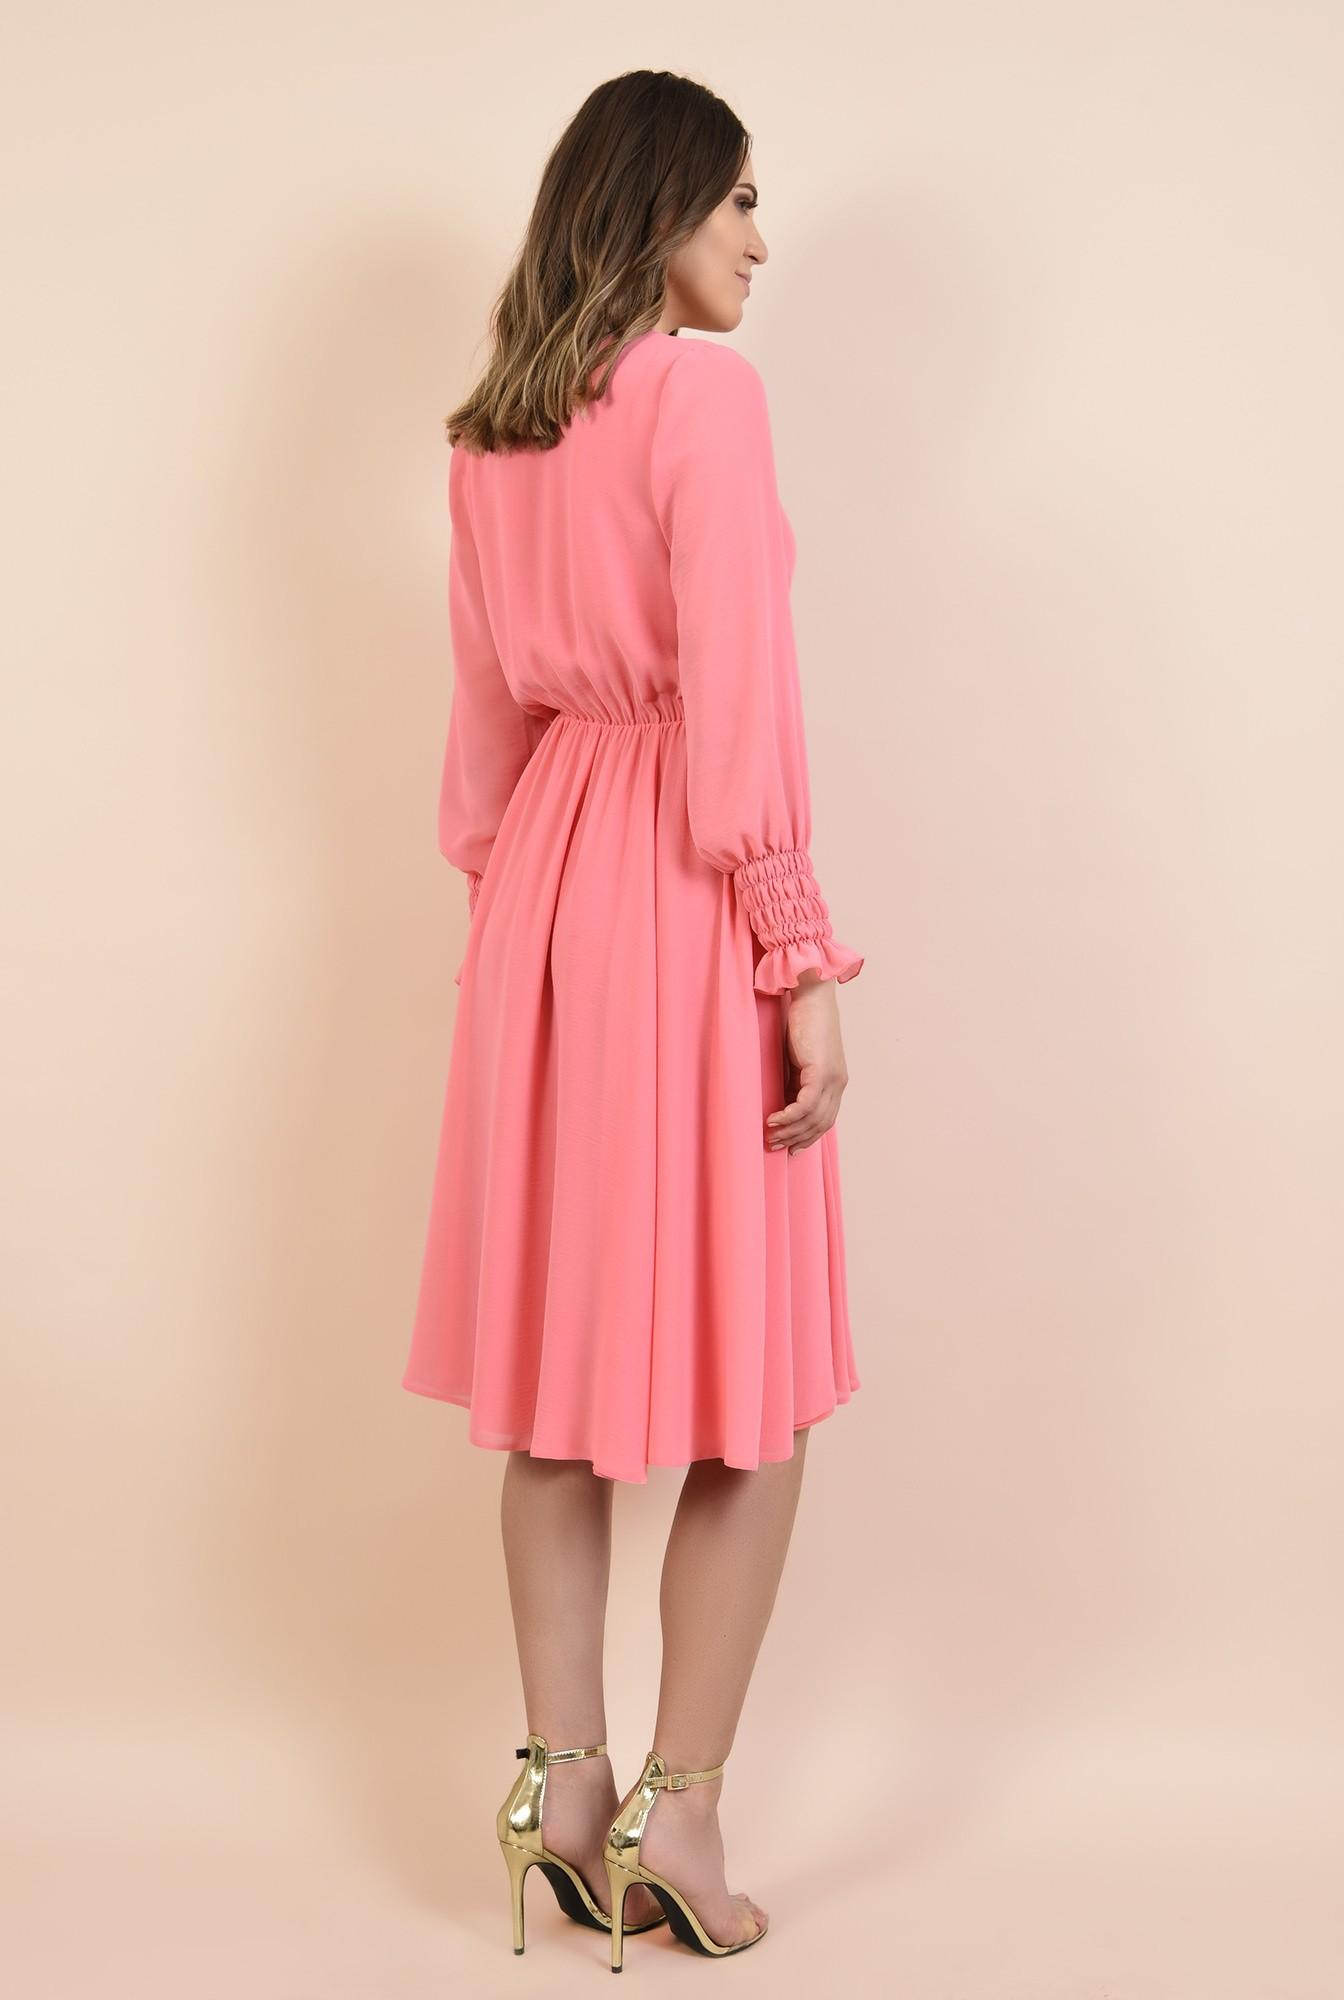 1 - 360 - rochie roz, midi, evazata, maneci lungi cu mansete elastice, Poema